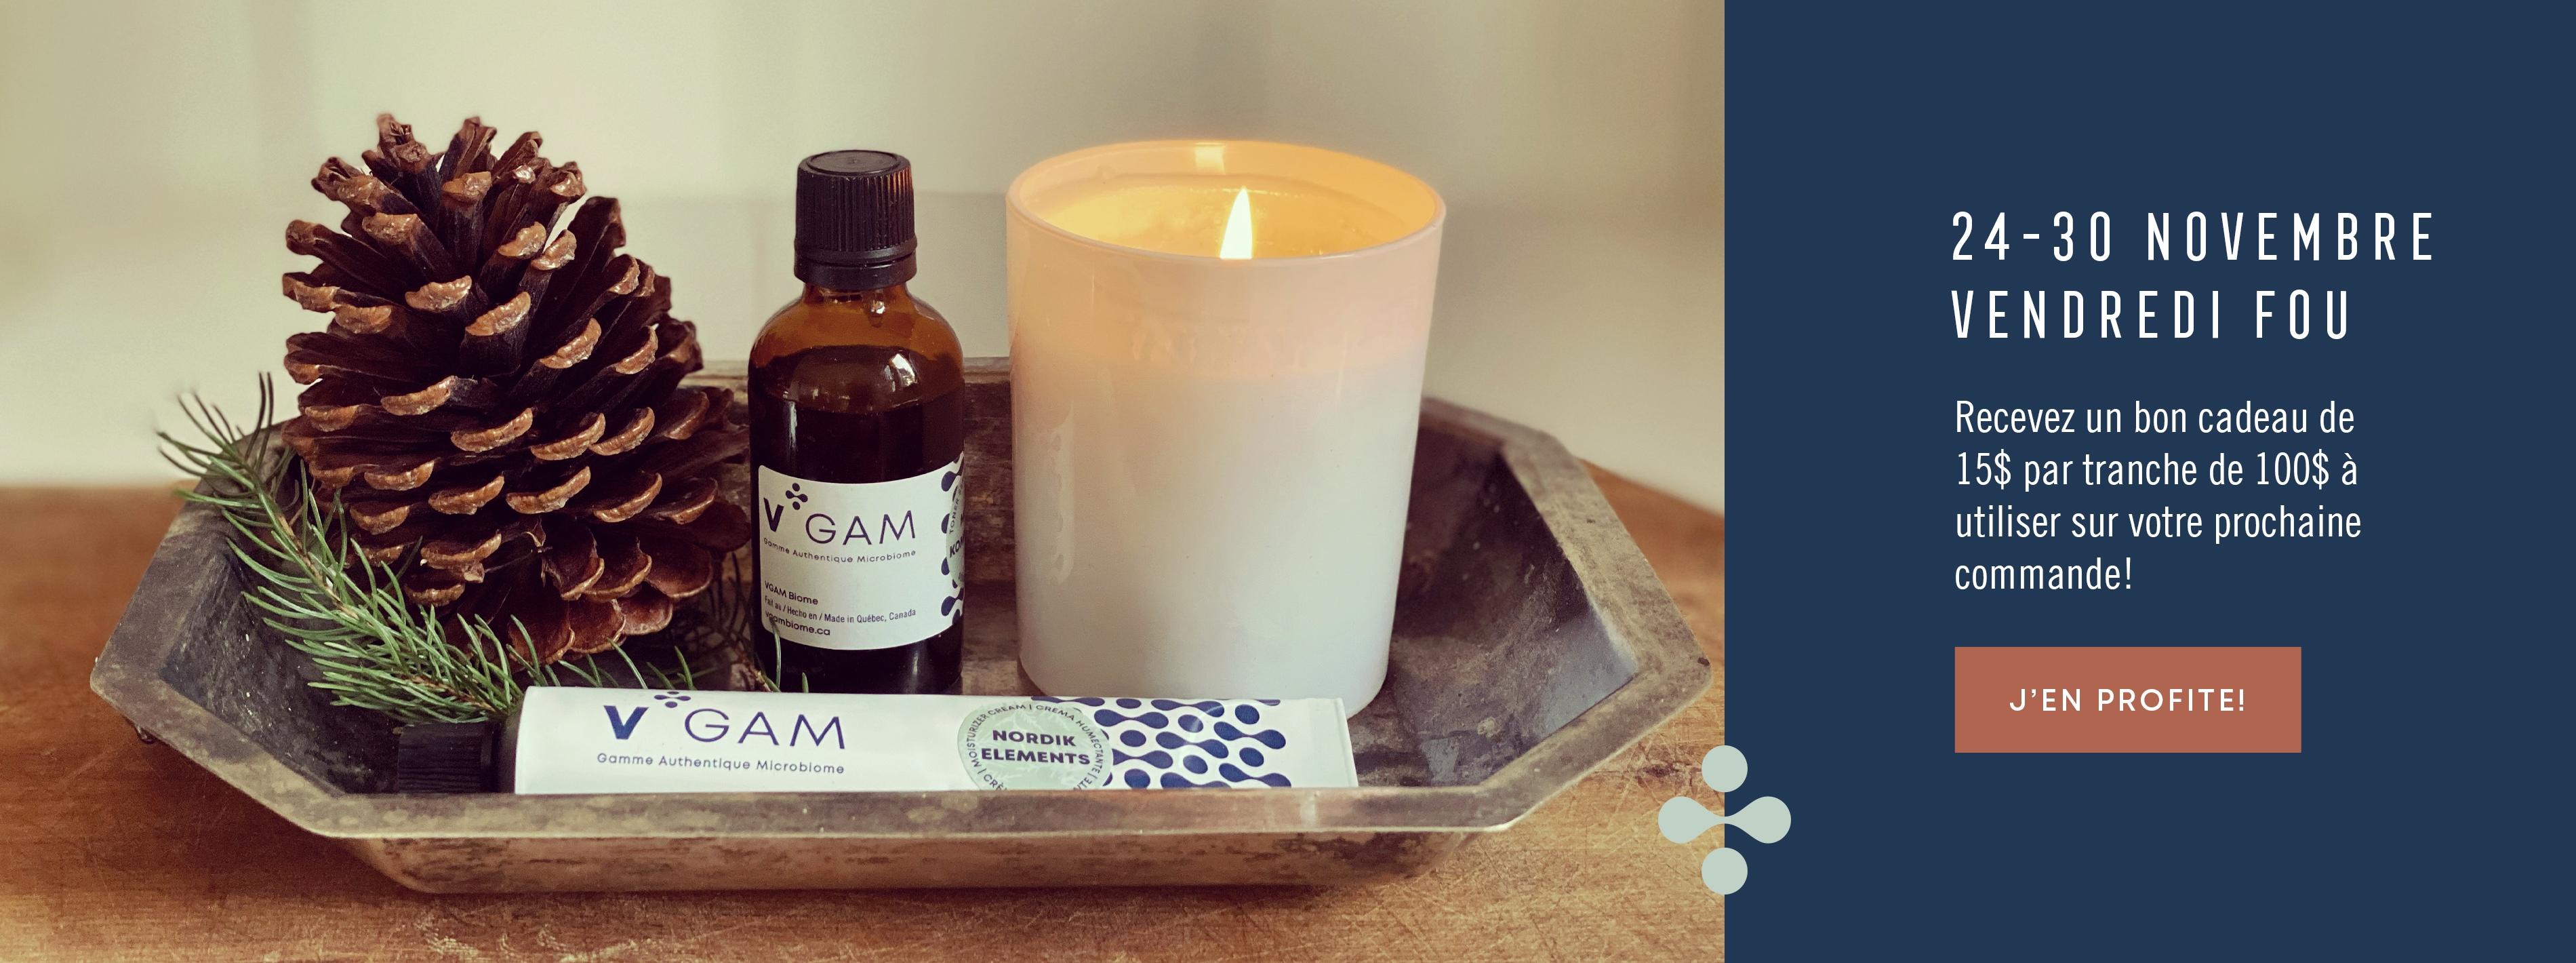 Magasinez nos produits cosmétiques de la gamme Vgam Authentique Microbome